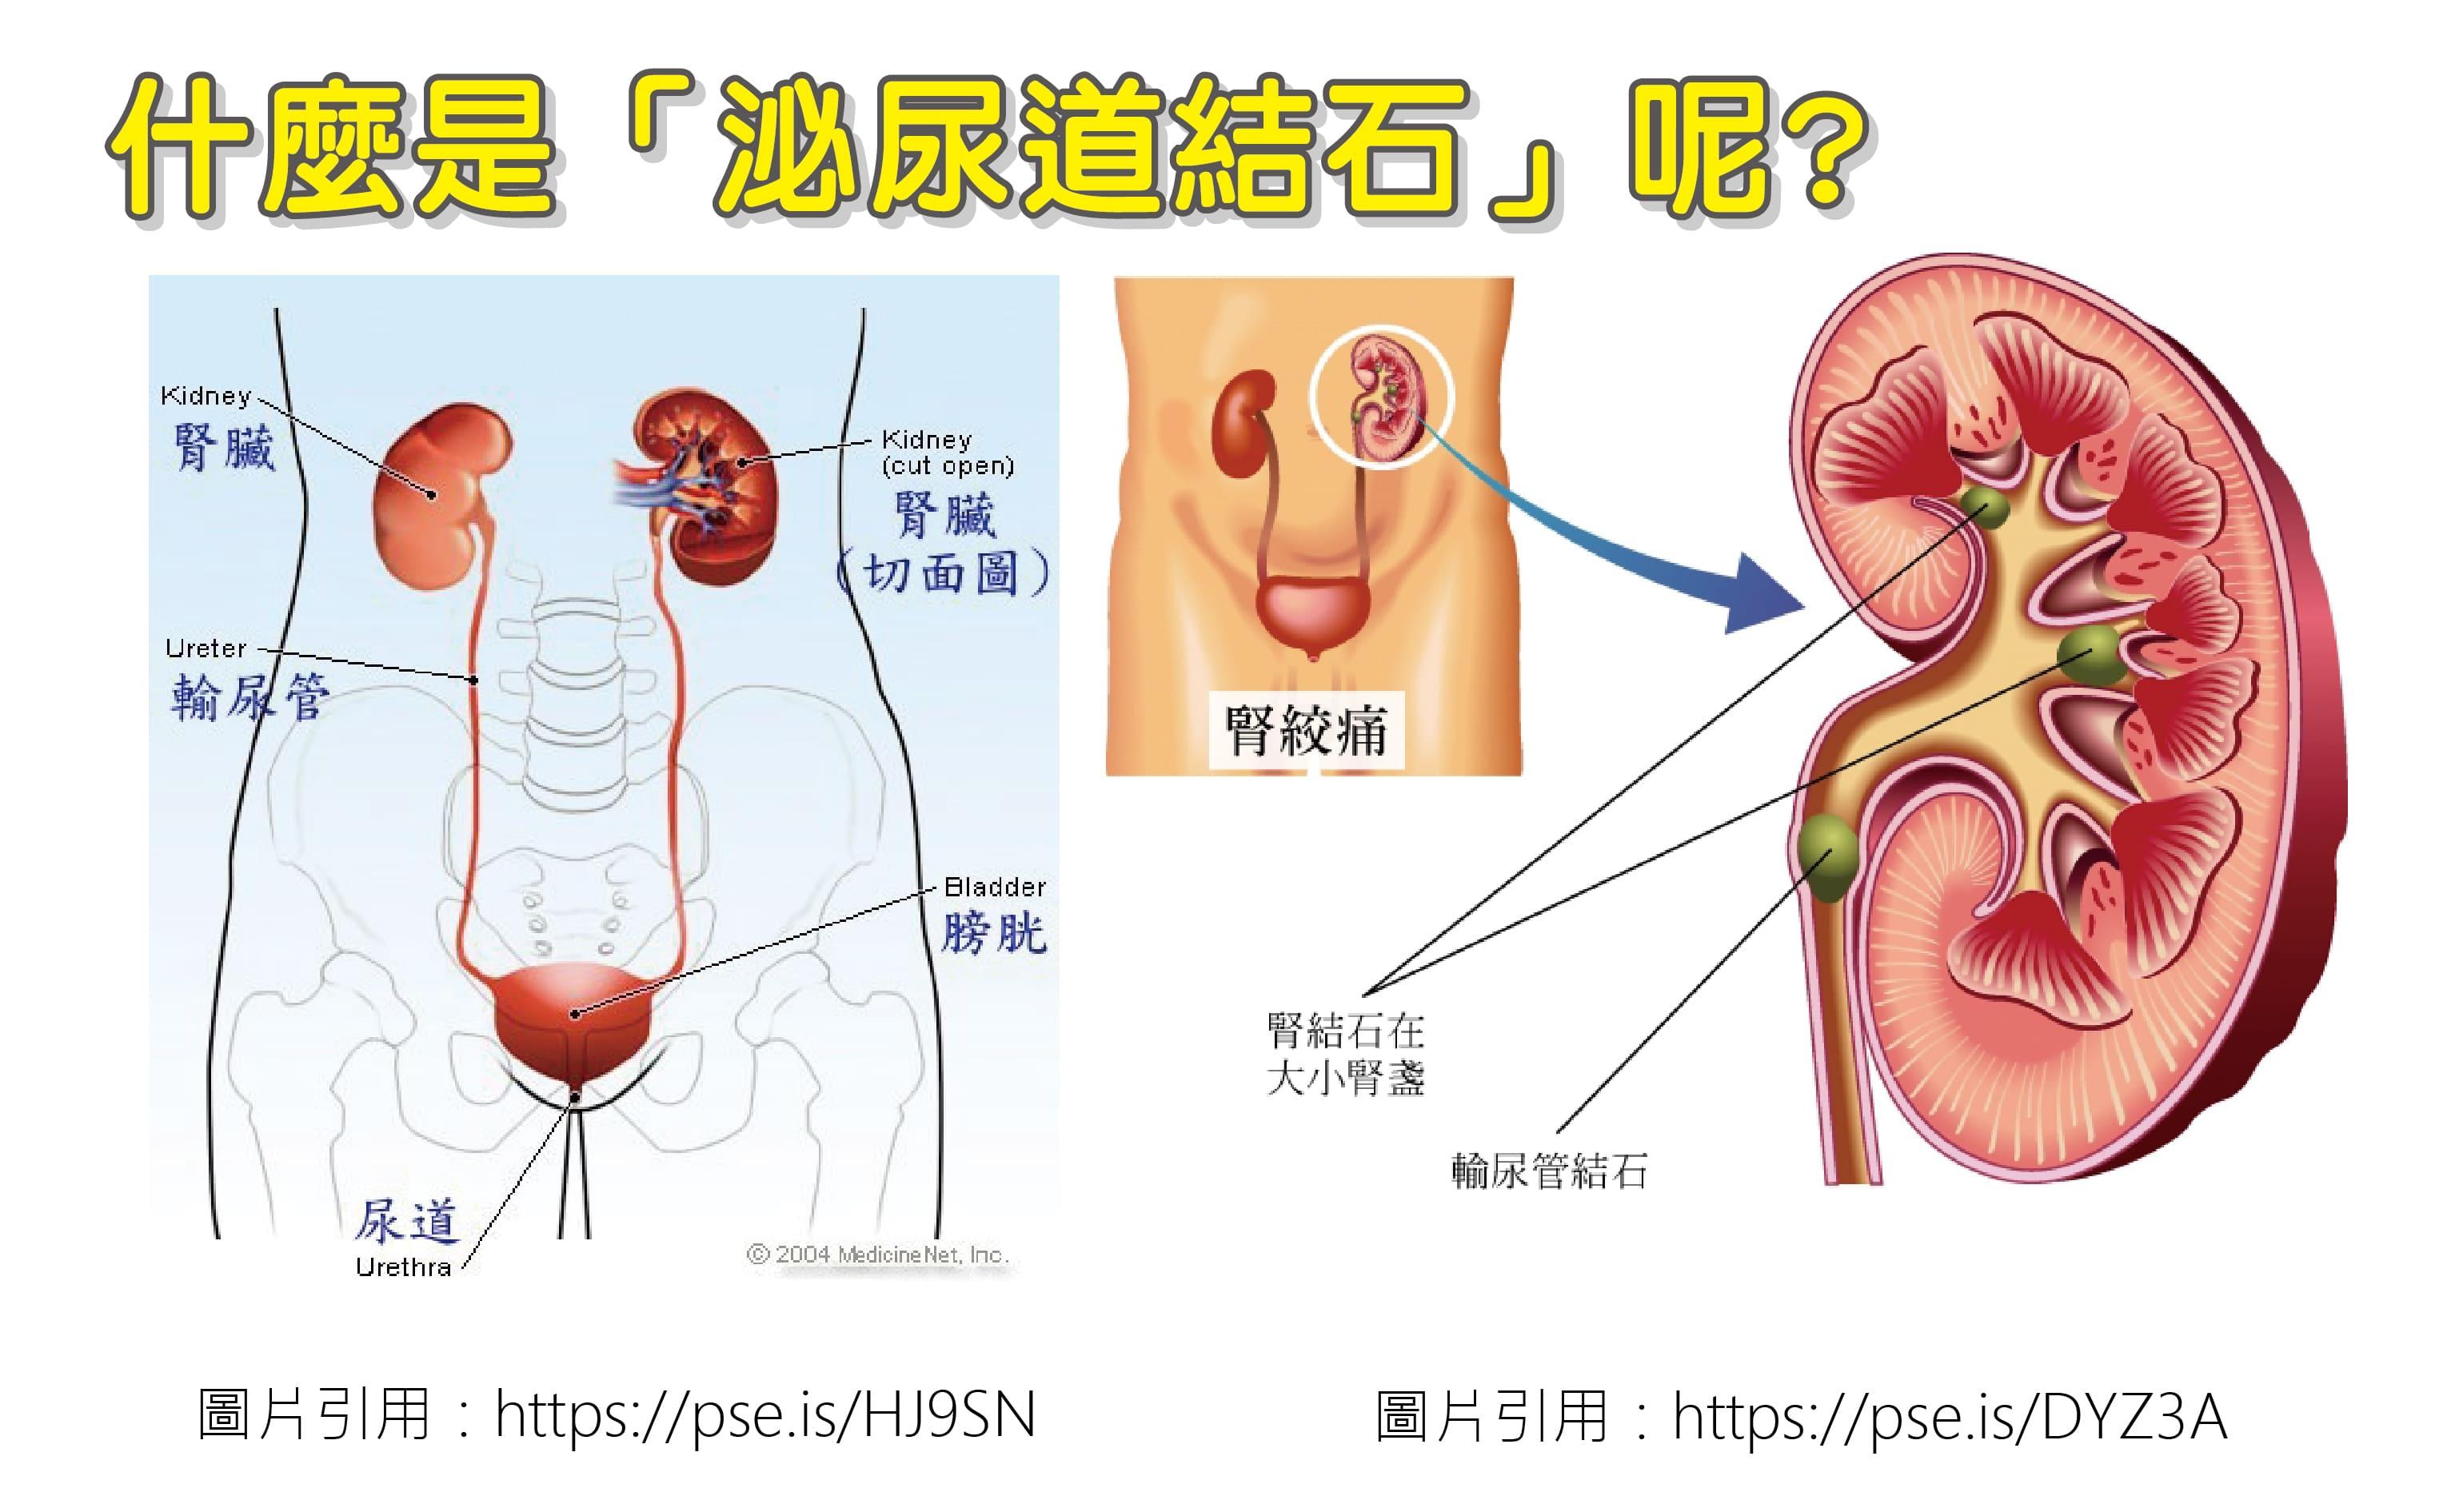 請問什麼是「泌尿道結石」呢?